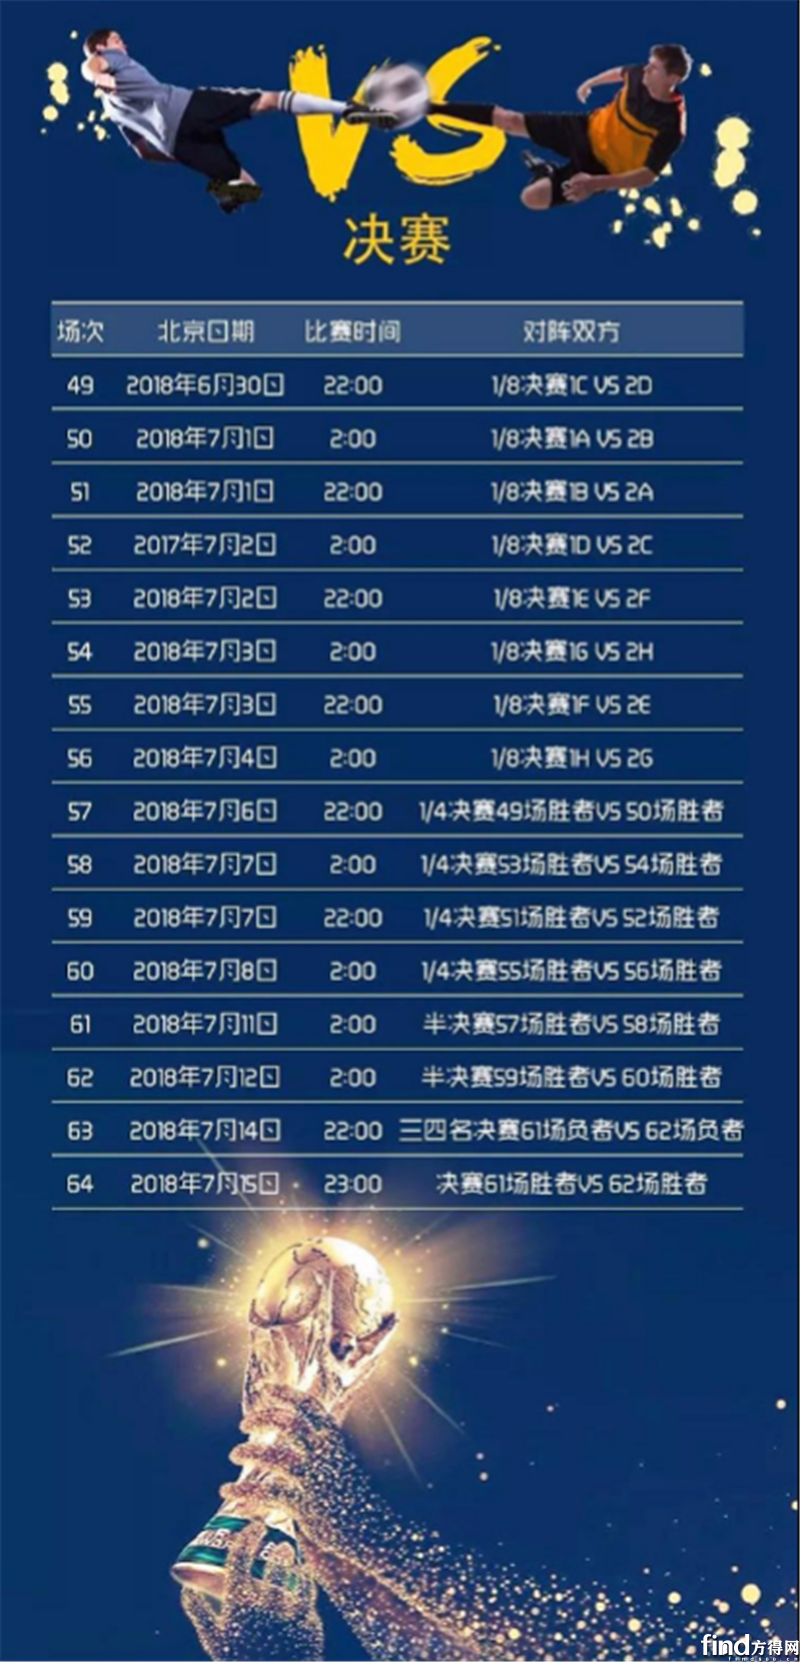 【福田瑞沃】2018世界杯赛程表,拿走不谢!3